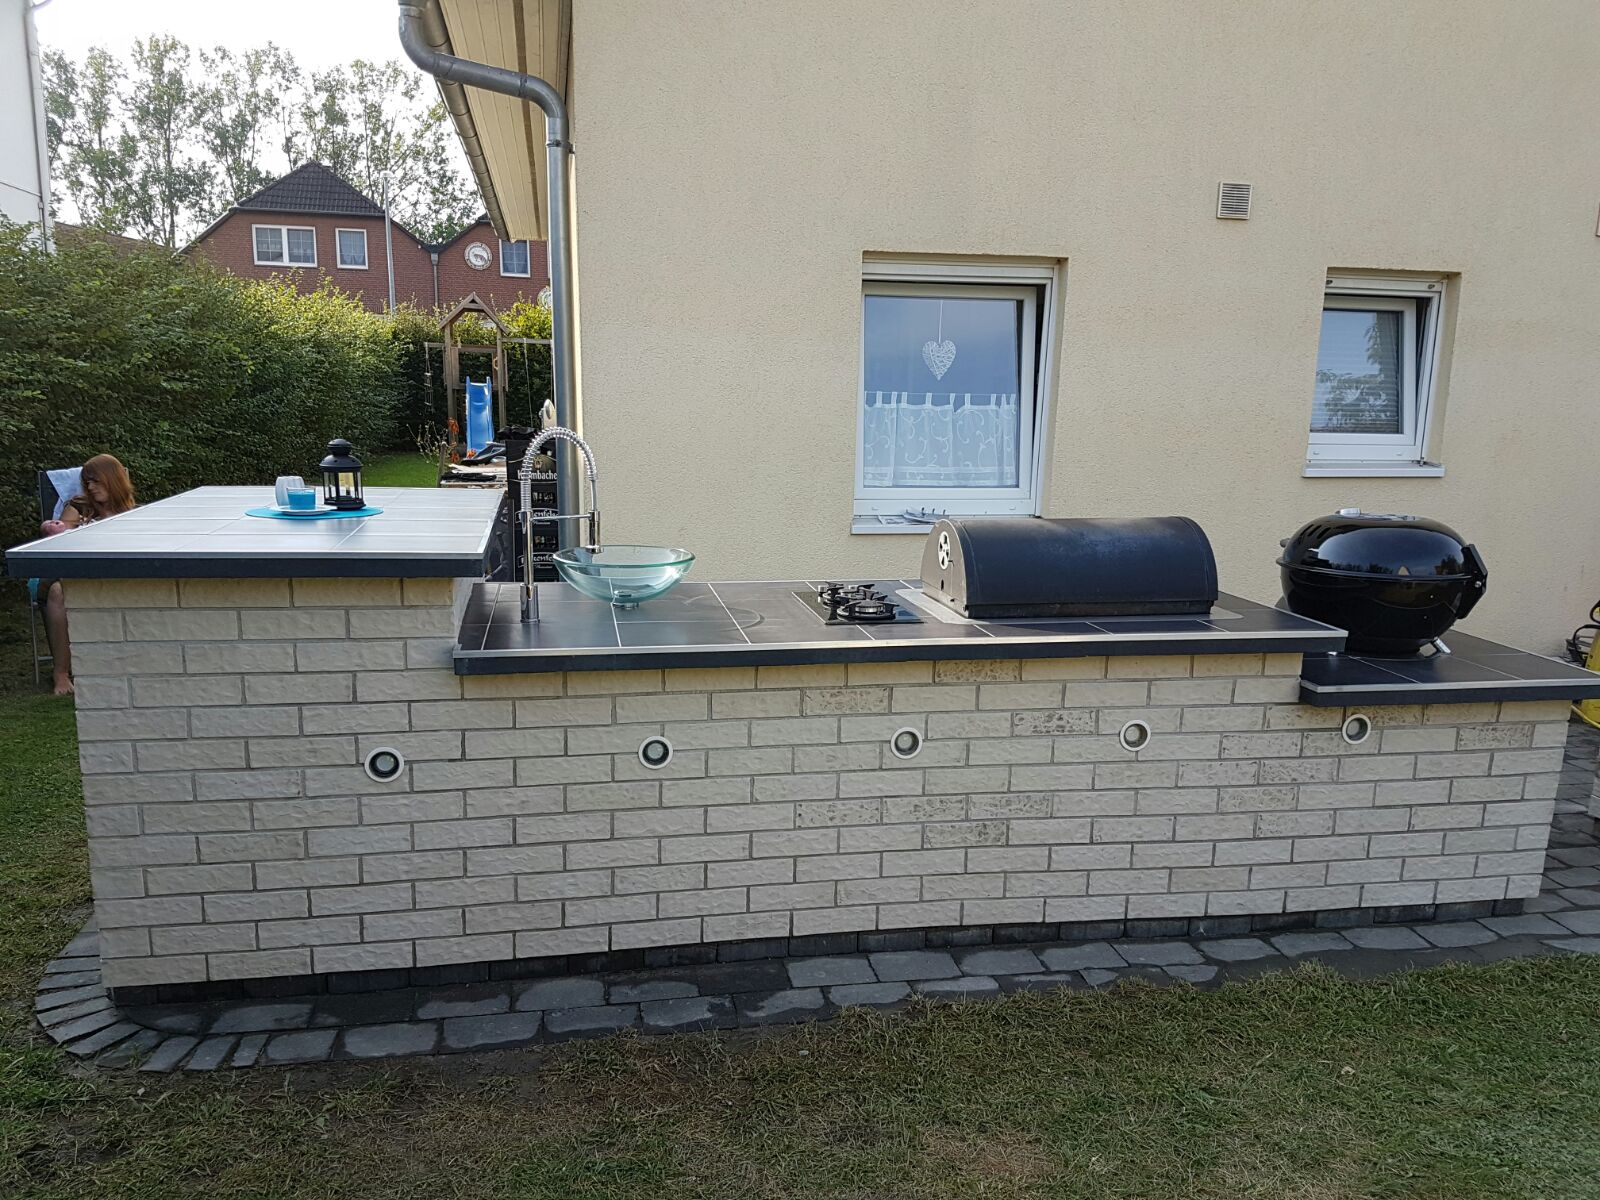 Gemütlich Diy Außenküchenschränke Perth Fotos - Ideen Für Die Küche ...